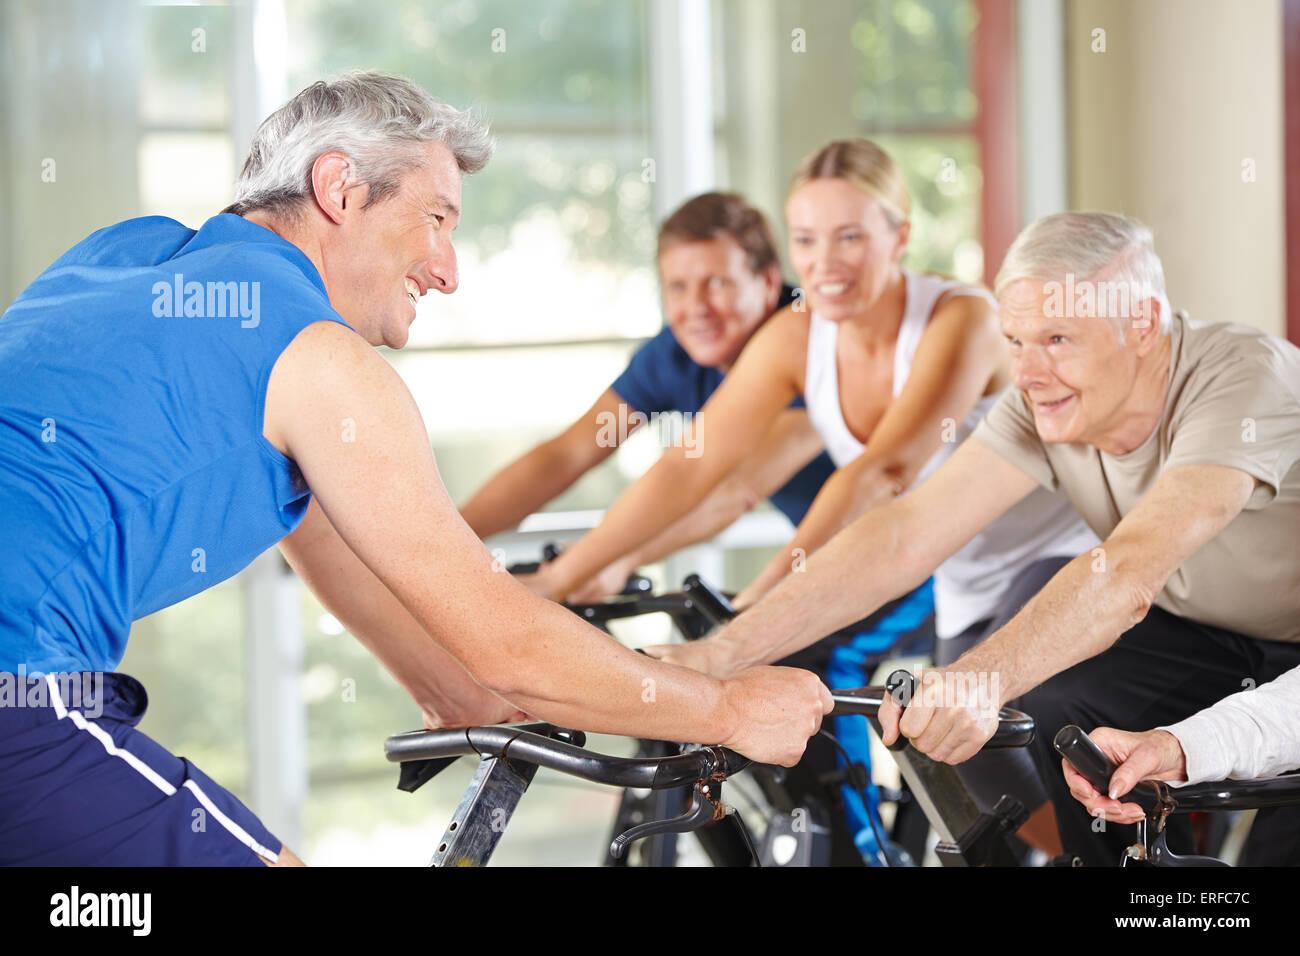 Las personas de mayor rango en la clase de spinning en un gimnasio con entrenador Imagen De Stock